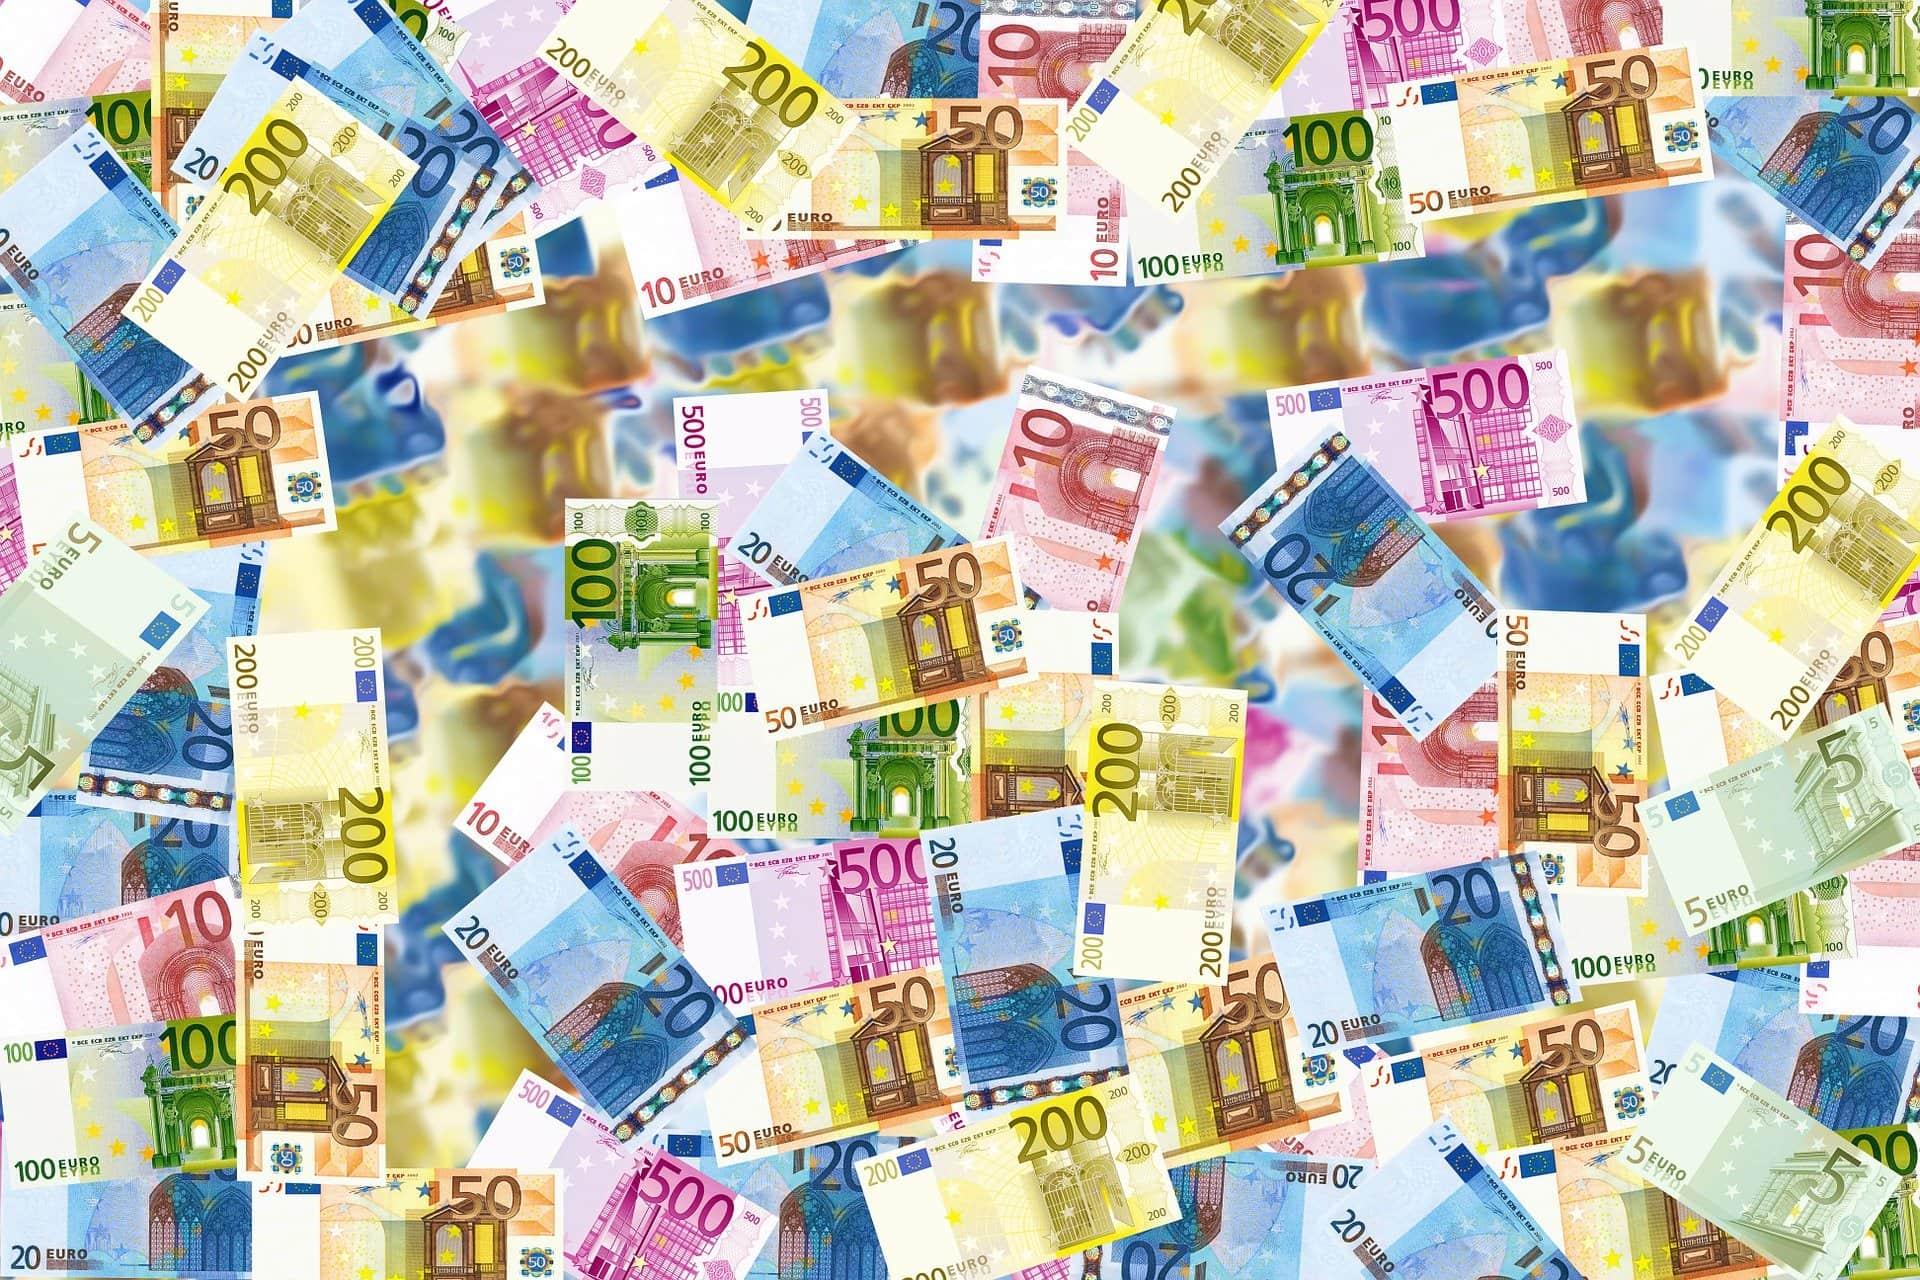 Rechnungen Geld Euro Reichtum Reich - (c) Pixabay